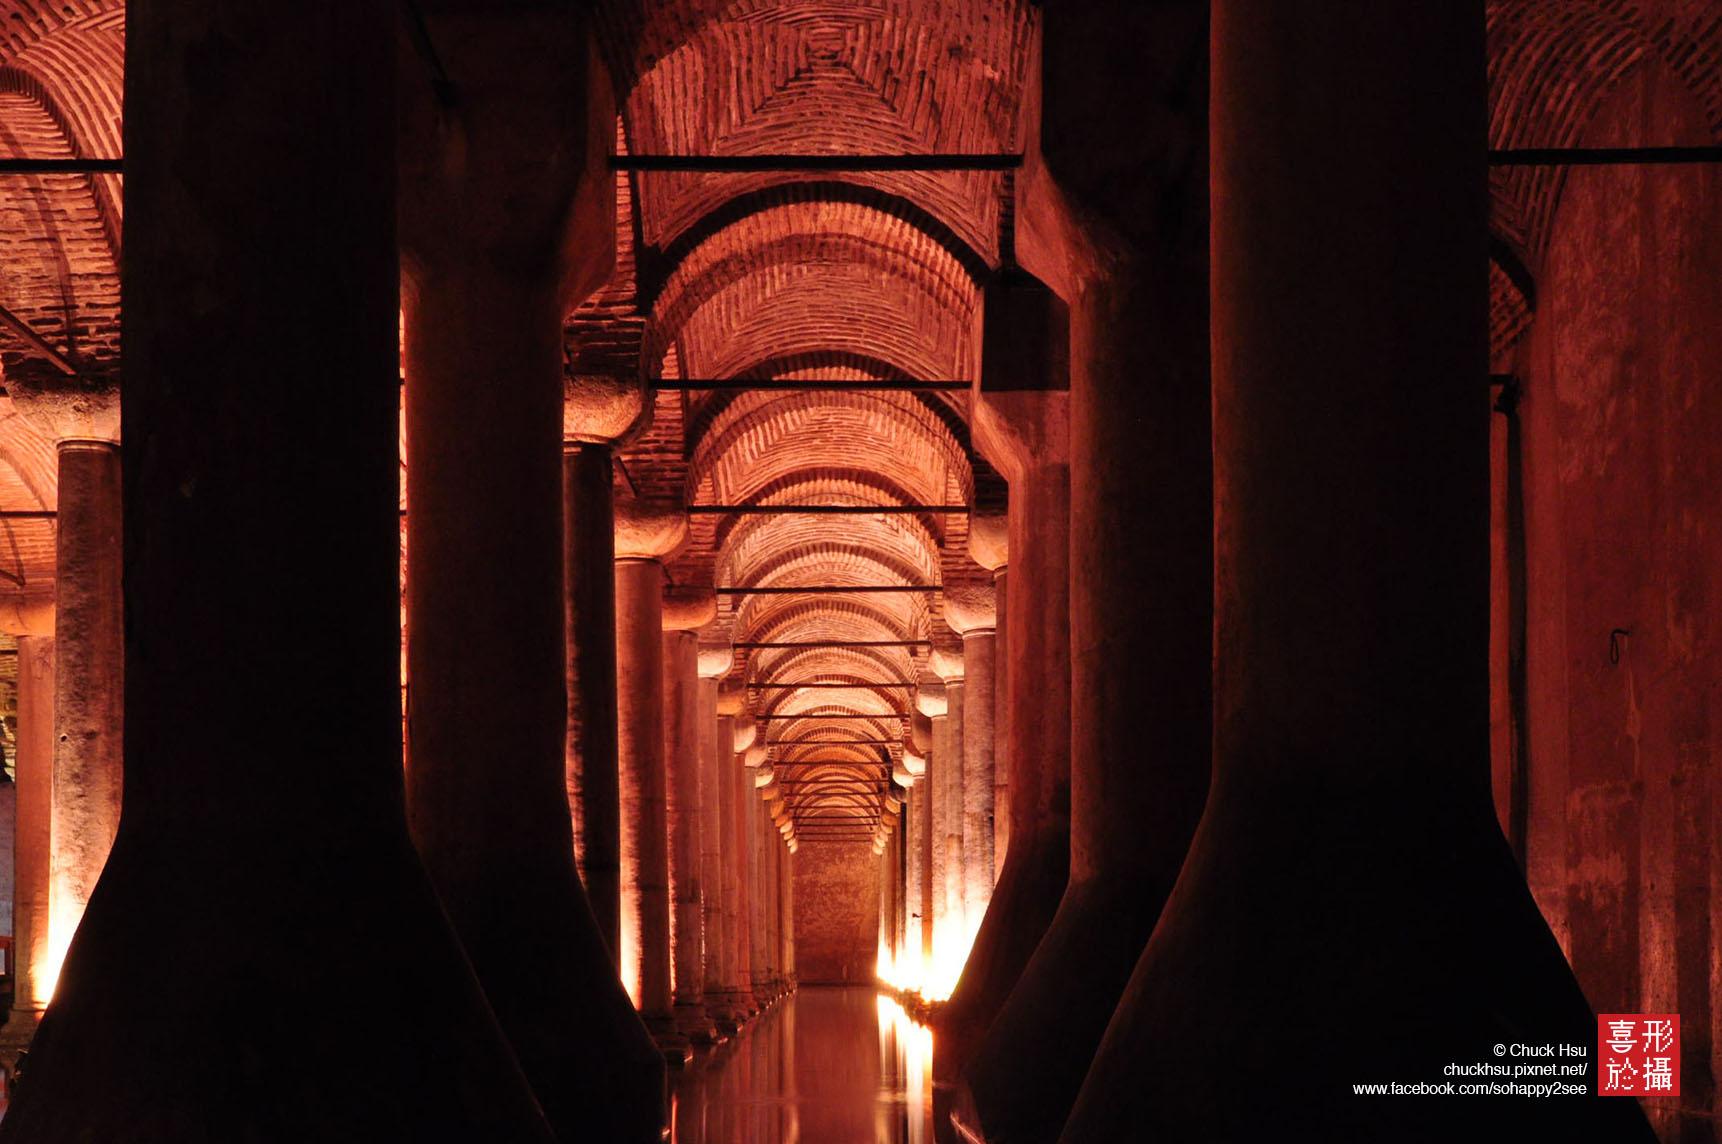 地下水宮殿 Yerebatan Sarayı,Istanbul